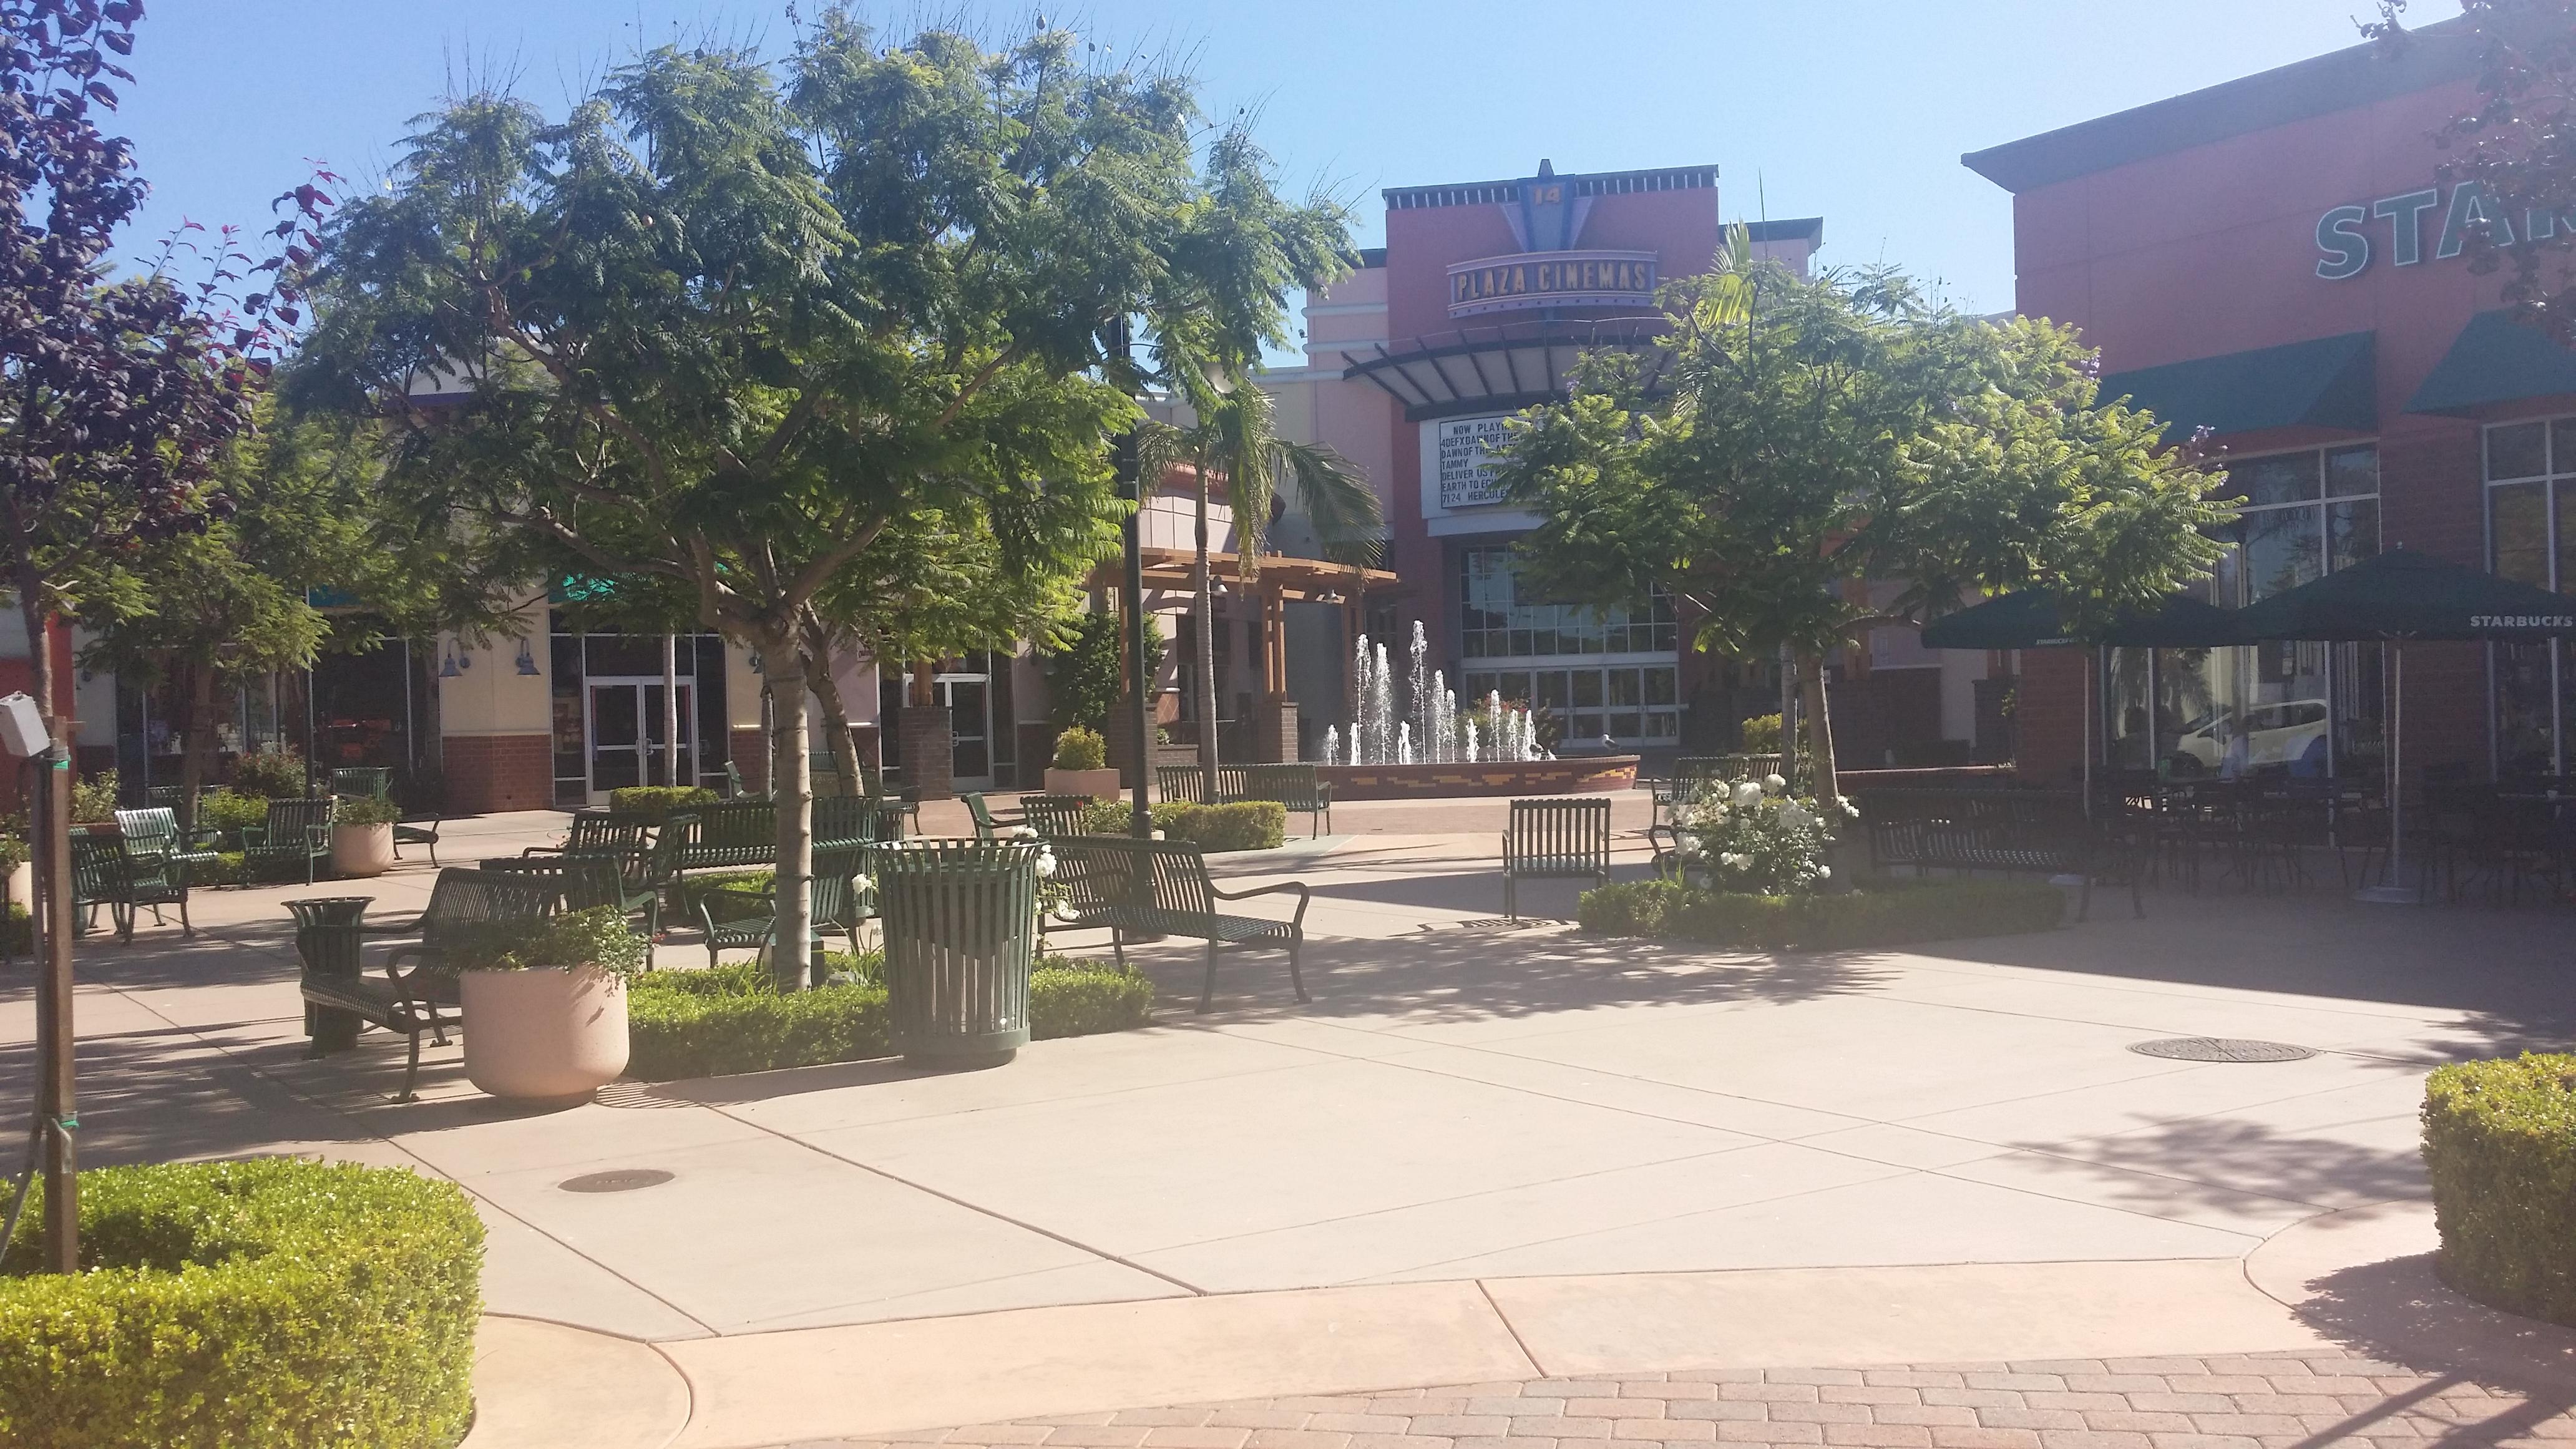 Plaza Cinemas in Downtown Oxnard